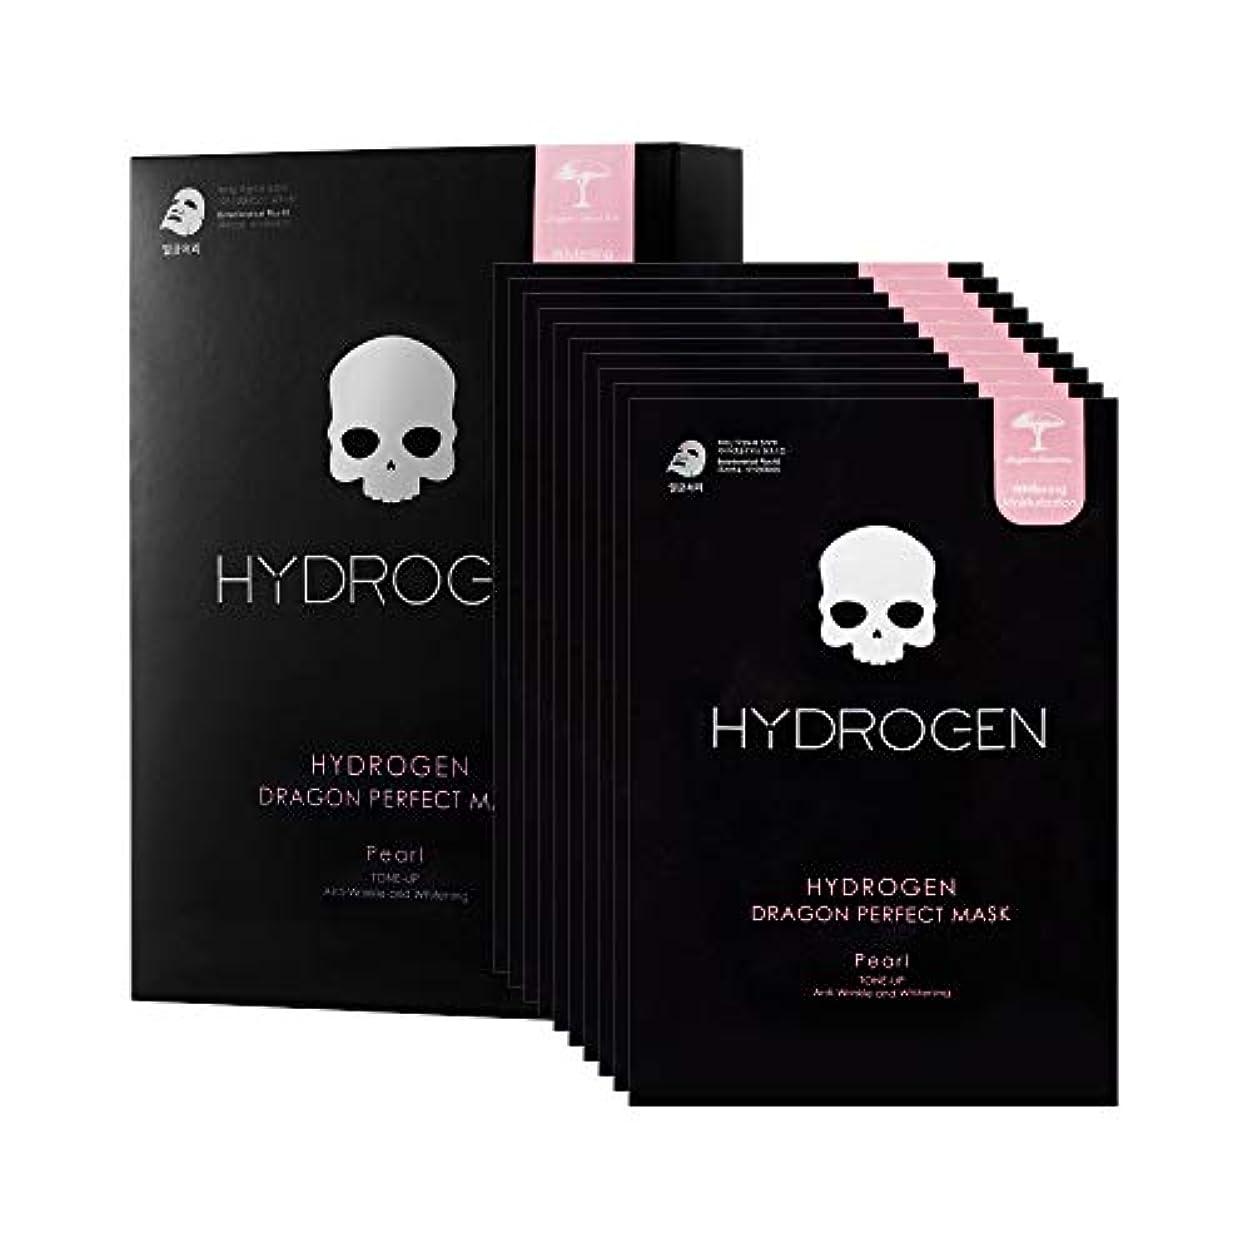 抑圧勢いつまらない【HYDROGEN】ハイドロゲンドラゴンパーフェクトマスク HYDROGEN DRAGON PERFECT MASK [10枚入り]